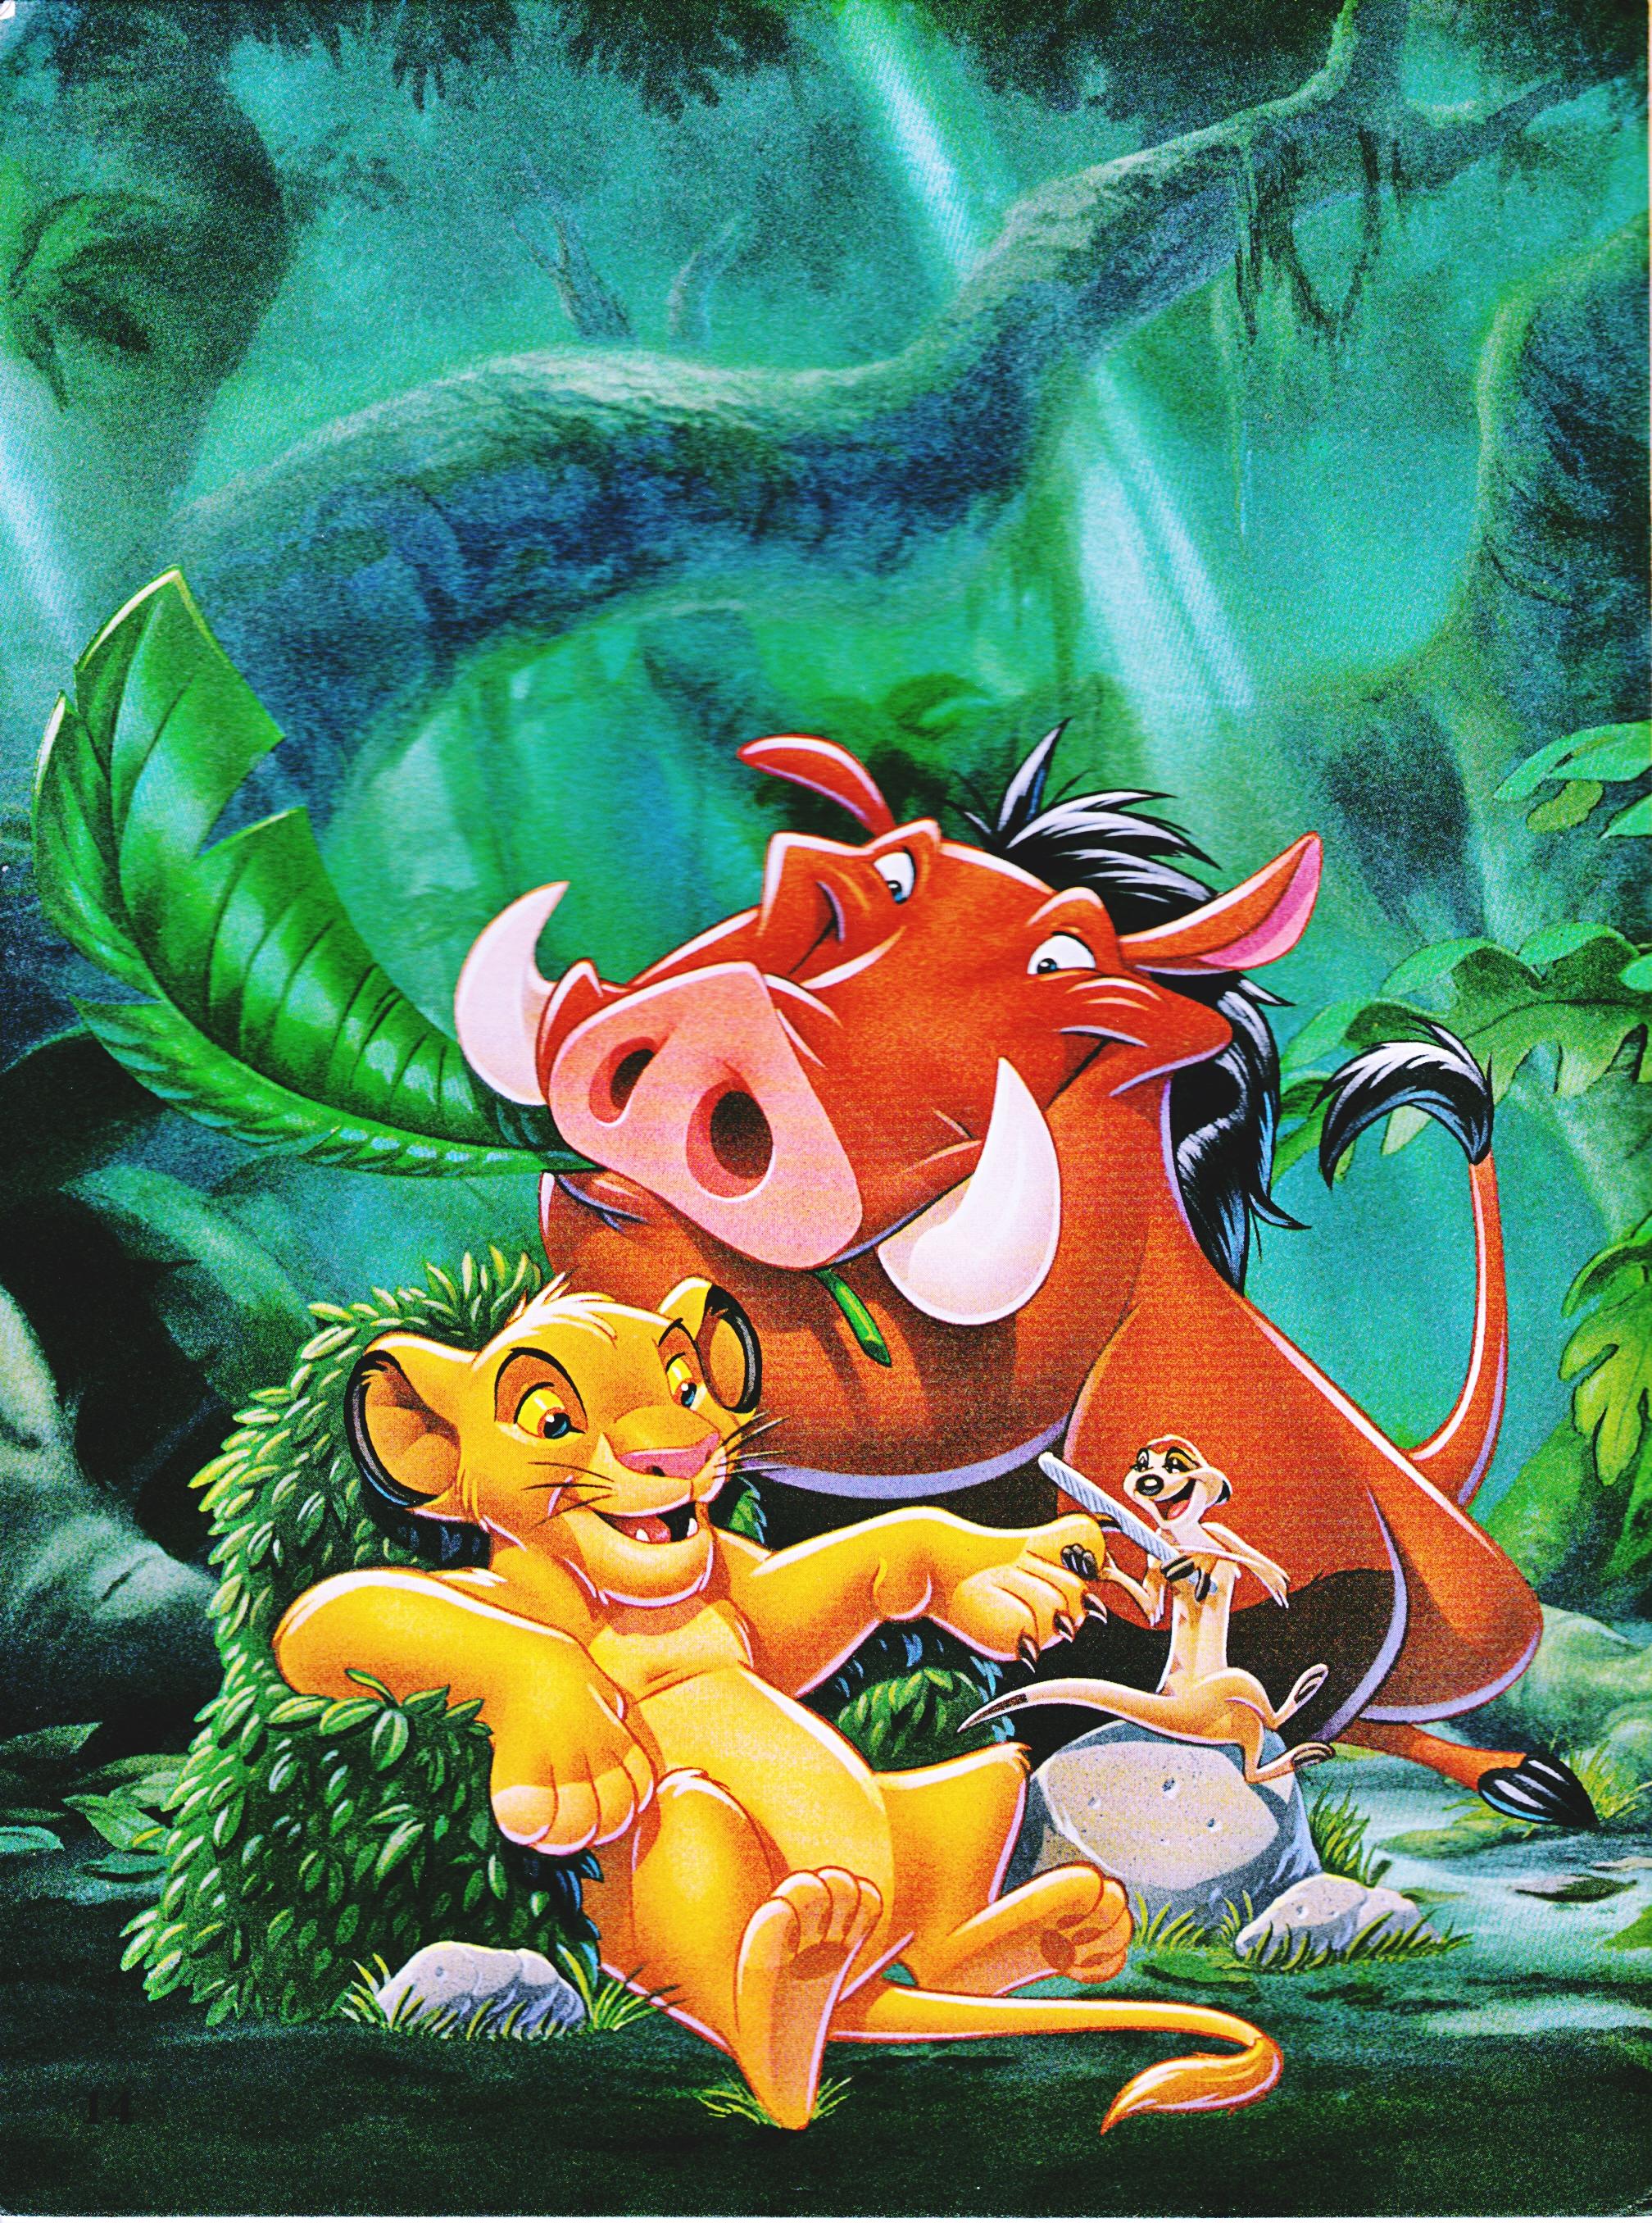 Walt Disney Book imej - Simba, Pumbaa & Timon